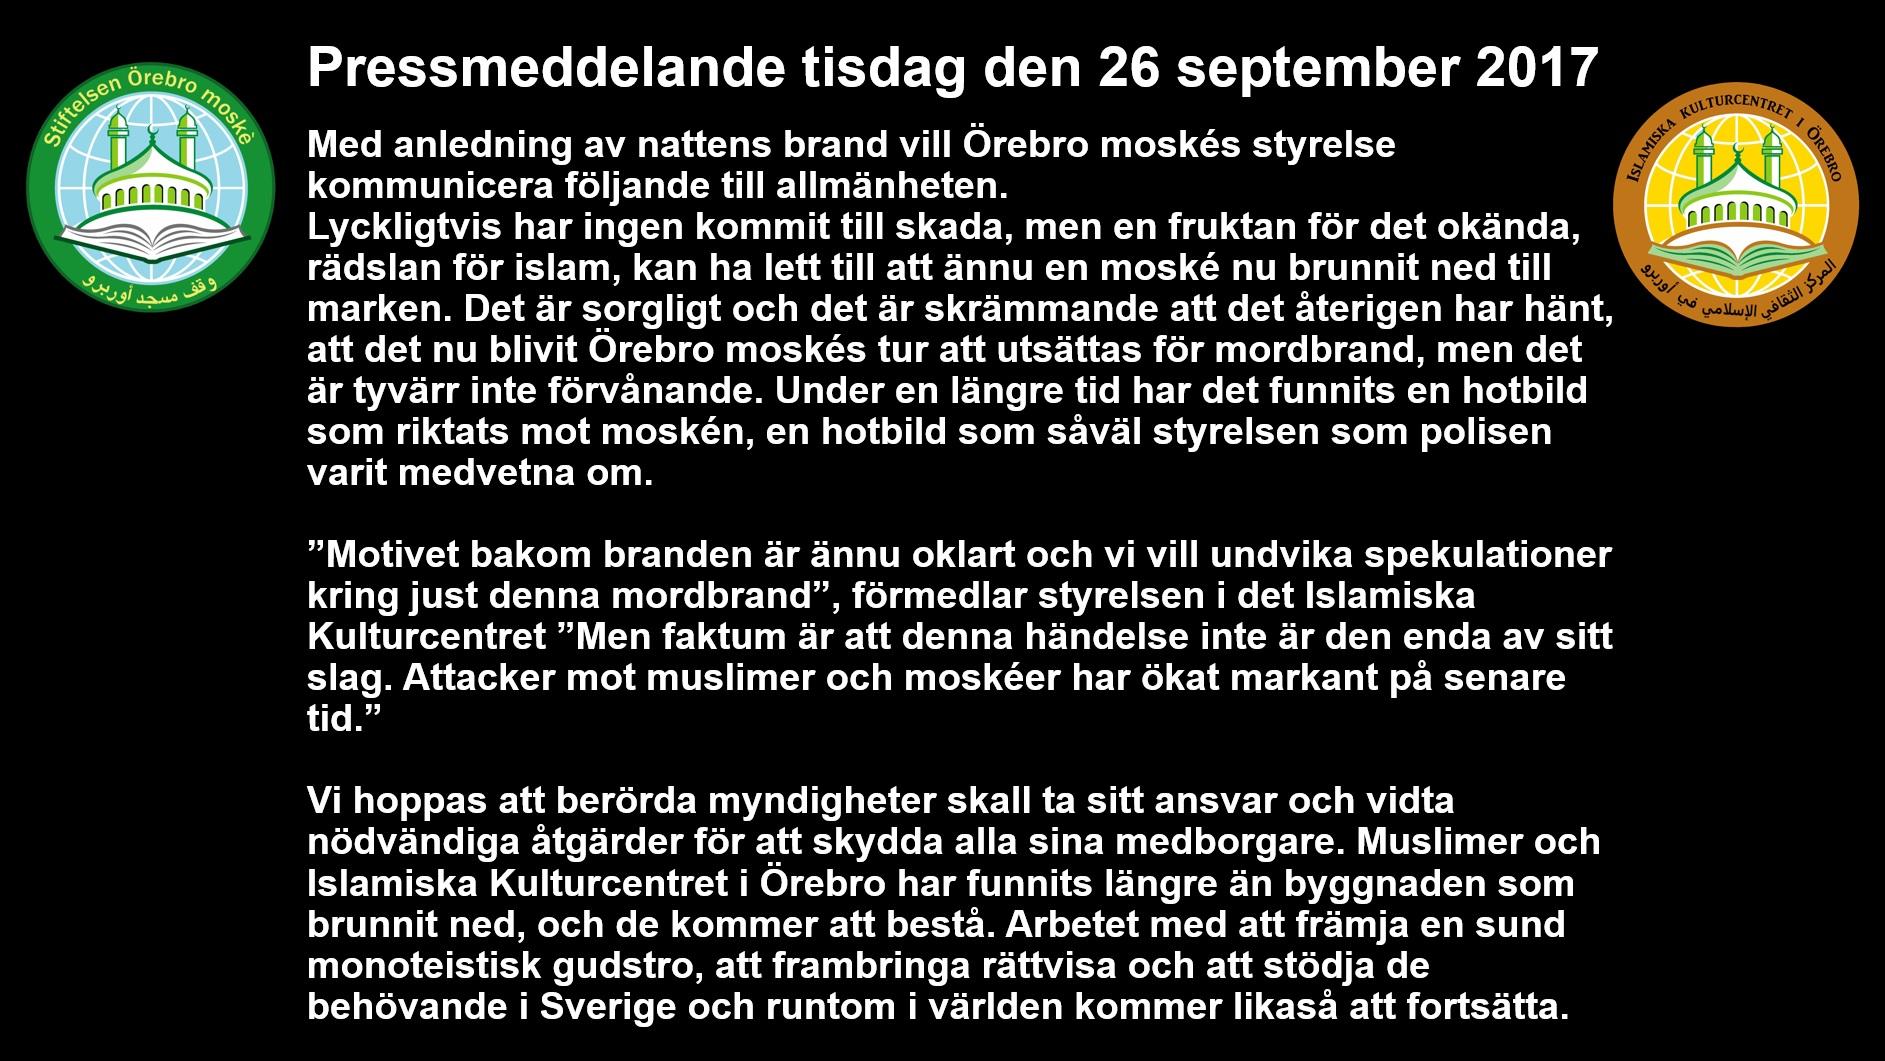 """Pressmeddelande tisdag den 26 september 2017 Med anledning av nattens brand vill Örebro moskés styrelse kommunicera följande till allmänheten. Lyckligtvis har ingen kommit till skada, men en fruktan för det okända, rädslan för islam, kan ha lett till att ännu en moské nu brunnit ned till marken. Det är sorgligt och det är skrämmande att det återigen har hänt, att det nu blivit Örebro moskés tur att utsättas för mordbrand, men det är tyvärr inte förvånande. Under en längre tid har det funnits en hotbild som riktats mot moskén, en hotbild som såväl styrelsen som polisen varit medvetna om. """"Motivet bakom branden är ännu oklart och vi vill undvika spekulationer kring just denna mordbrand"""", förmedlar styrelsen i det Islamiska Kulturcentret """"Men faktum är att denna händelse inte är den enda av sitt slag. Attacker mot muslimer och moskéer har ökat markant på senare tid."""" Vi hoppas att berörda myndigheter skall ta sitt ansvar och vidta nödvändiga åtgärder för att skydda alla sina medborgare. Muslimer och Islamiska Kulturcentret i Örebro har funnits längre än byggnaden som brunnit ned, och de kommer att bestå. Arbetet med att främja en sund monoteistisk gudstro, att frambringa rättvisa och att stödja de behövande i Sverige och runtom i världen kommer likaså att fortsätta."""